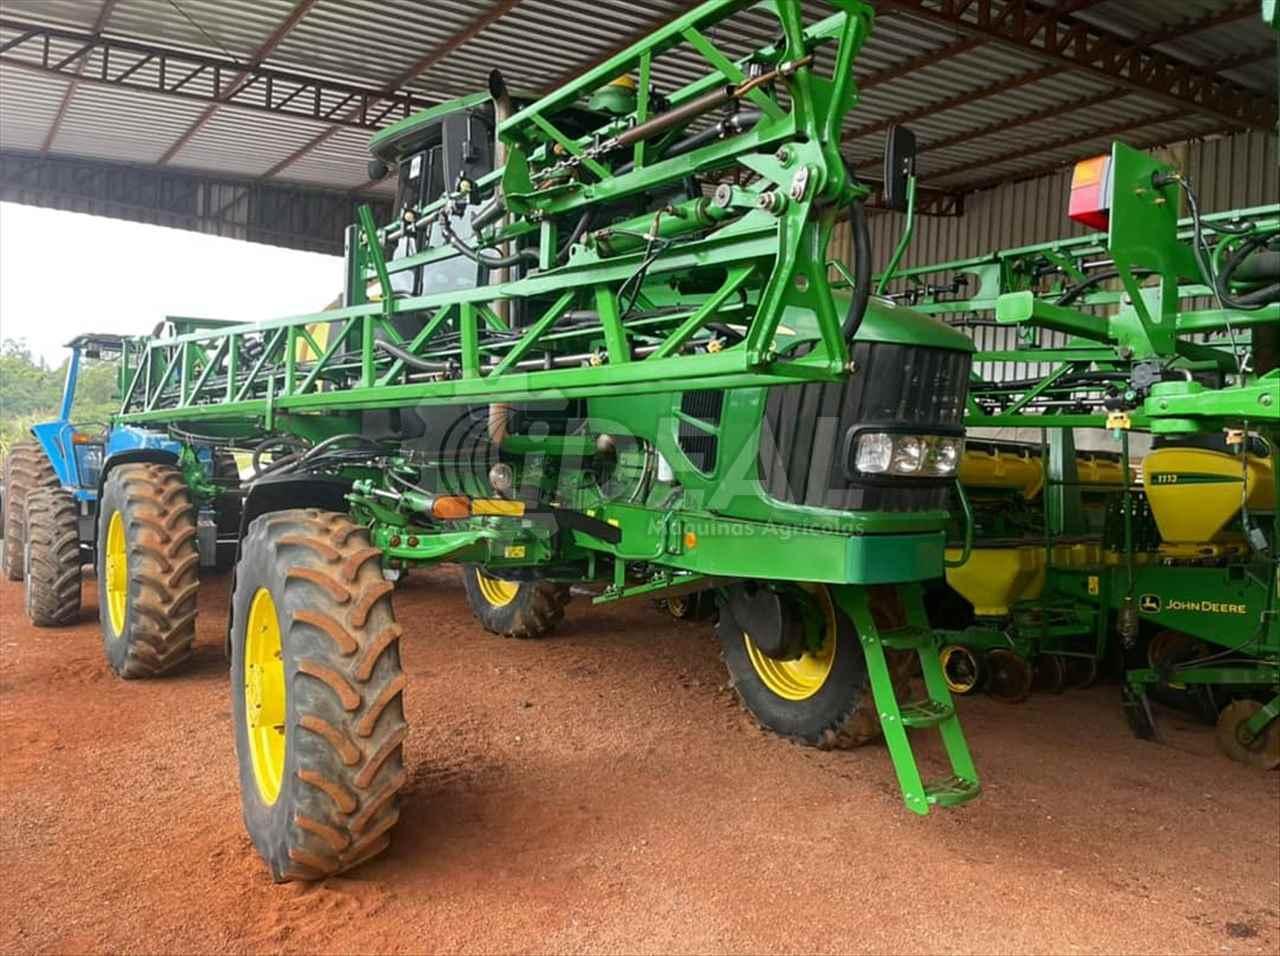 PULVERIZADOR JOHN DEERE JOHN DEERE 4630 Tração 4x4 Ideal Máquinas Agrícolas SAO GONCALO DO SAPUCAI MINAS GERAIS MG